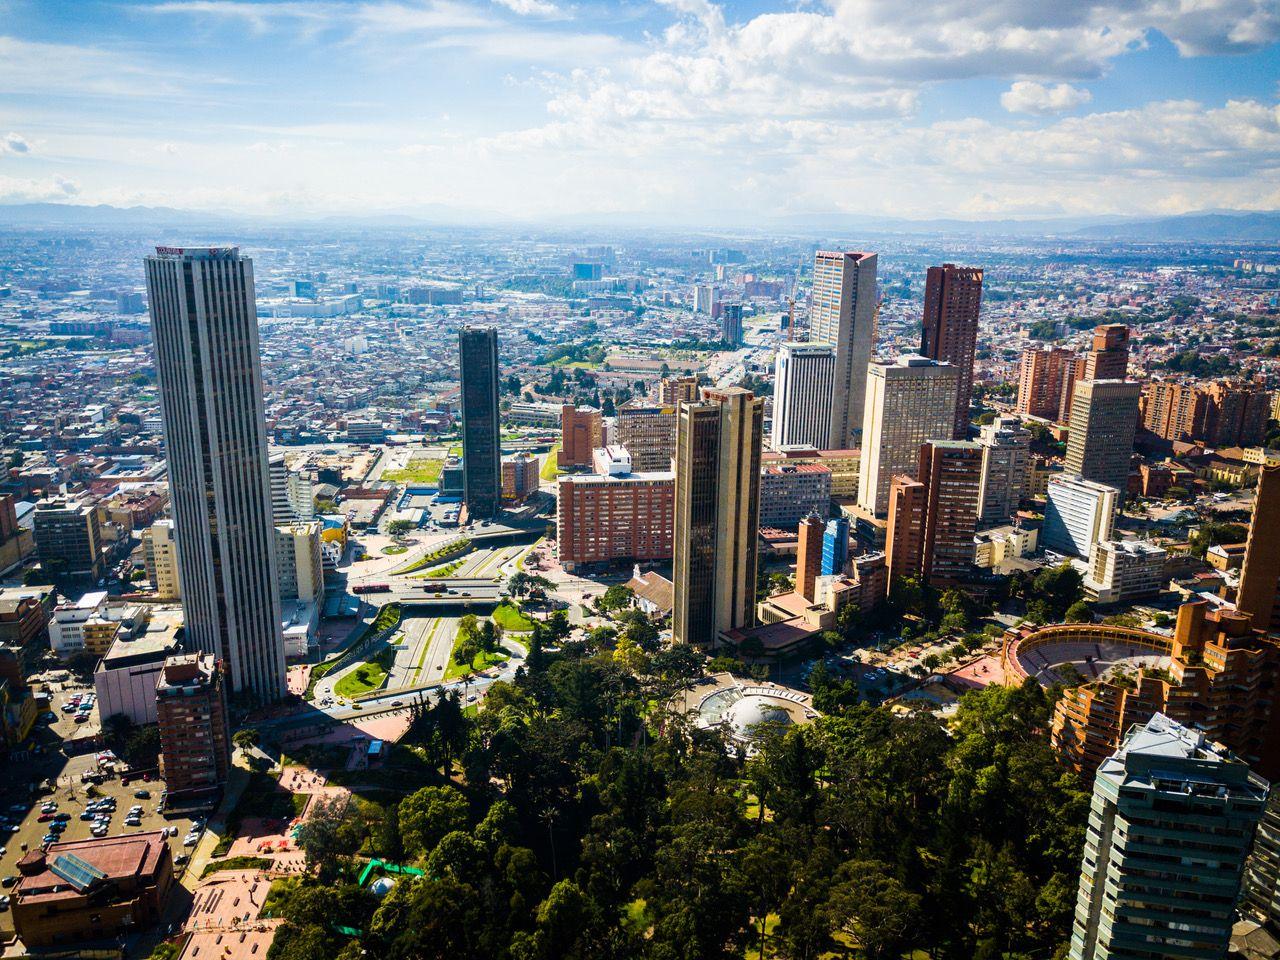 Colombia se despierta del obligado letargo de la pandemia anunciando importantes inversiones en infraestructura turística.